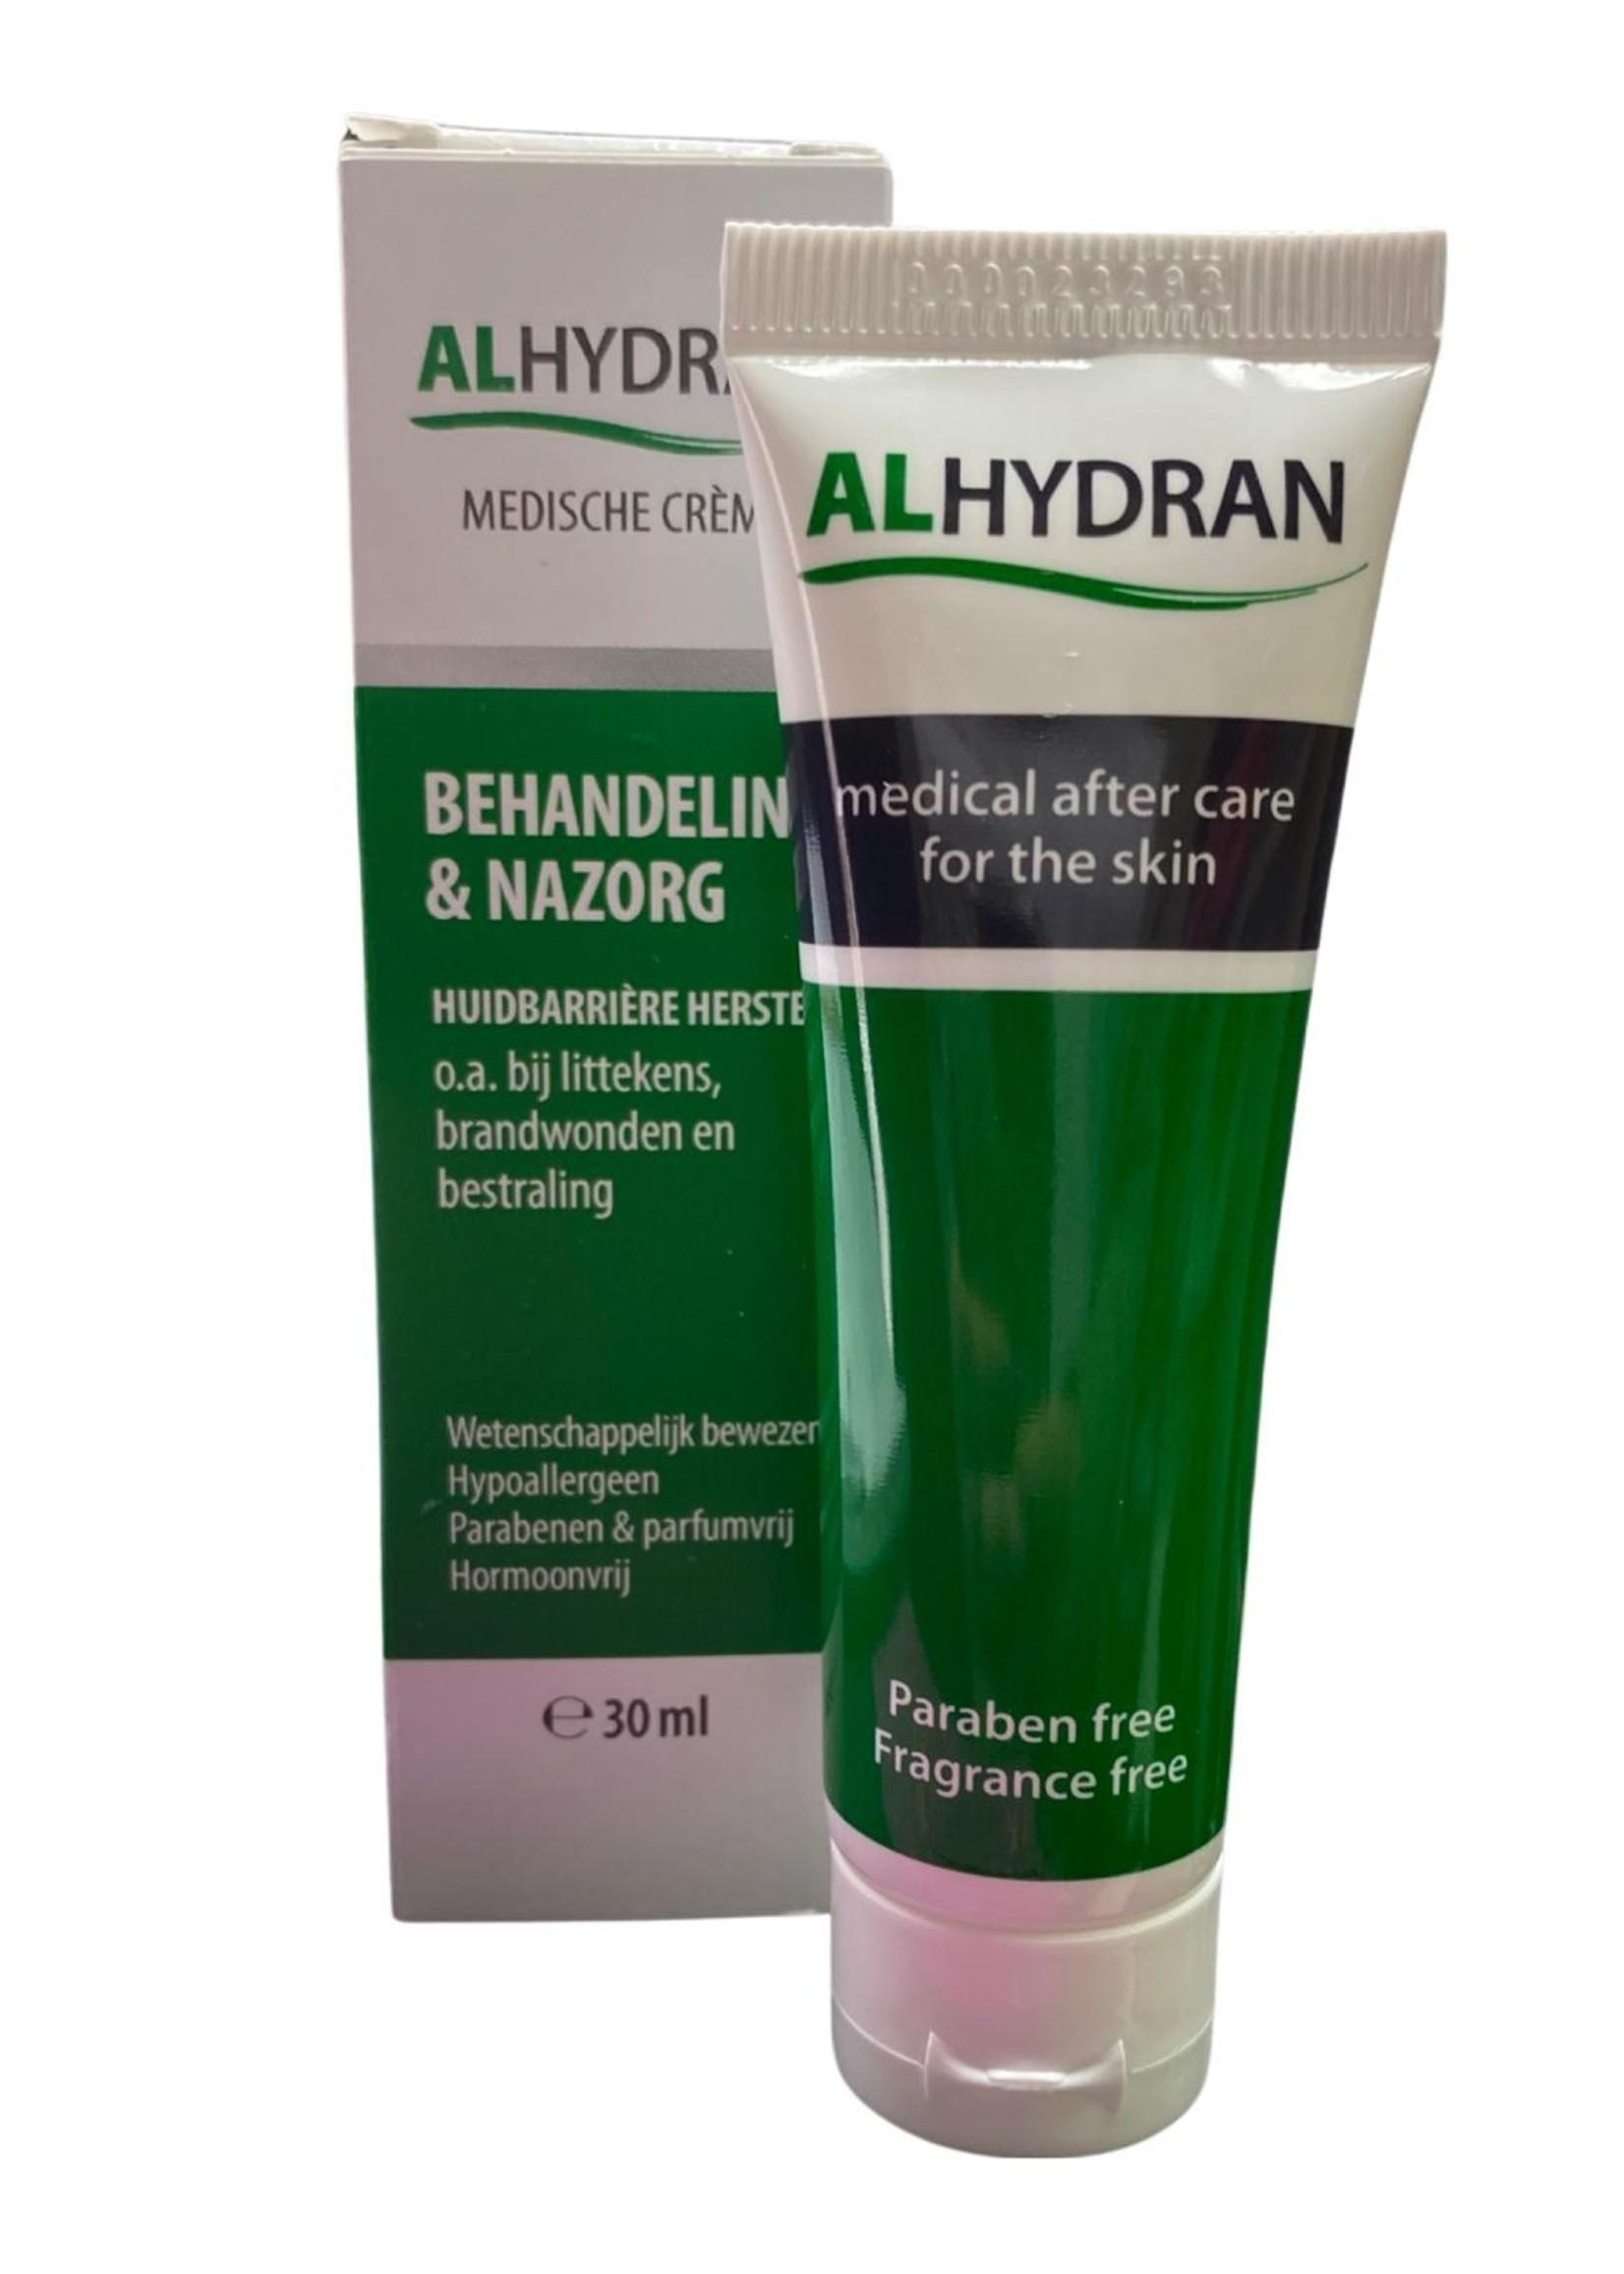 Alhydran Alhydran Creme